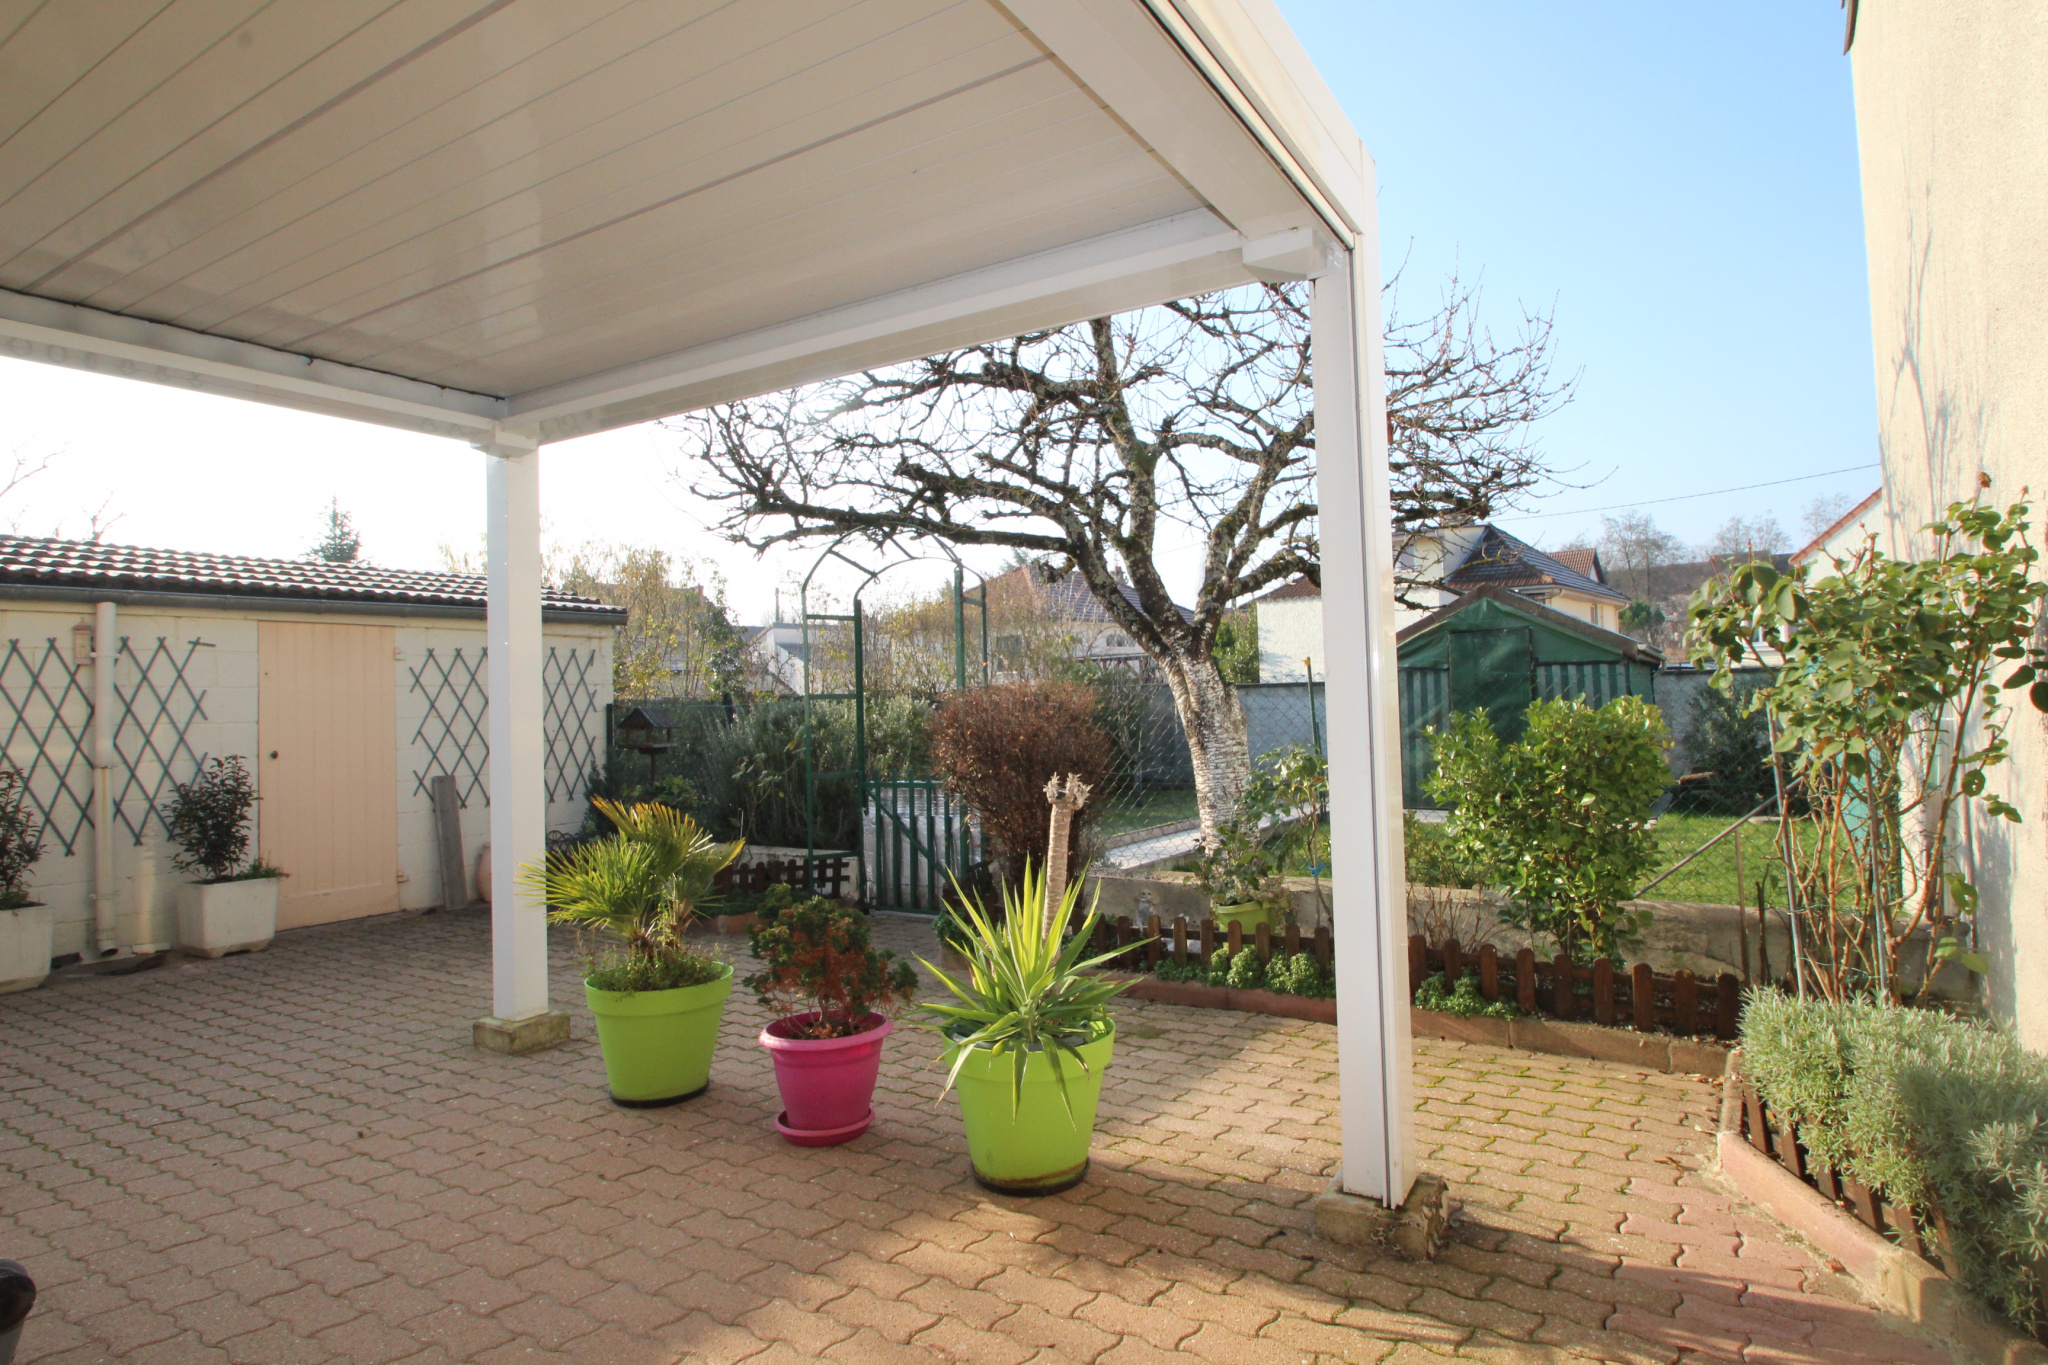 Vente maison/villa dijon All�e du Parc & Parc de la Colombiere & Piscine Carroussel